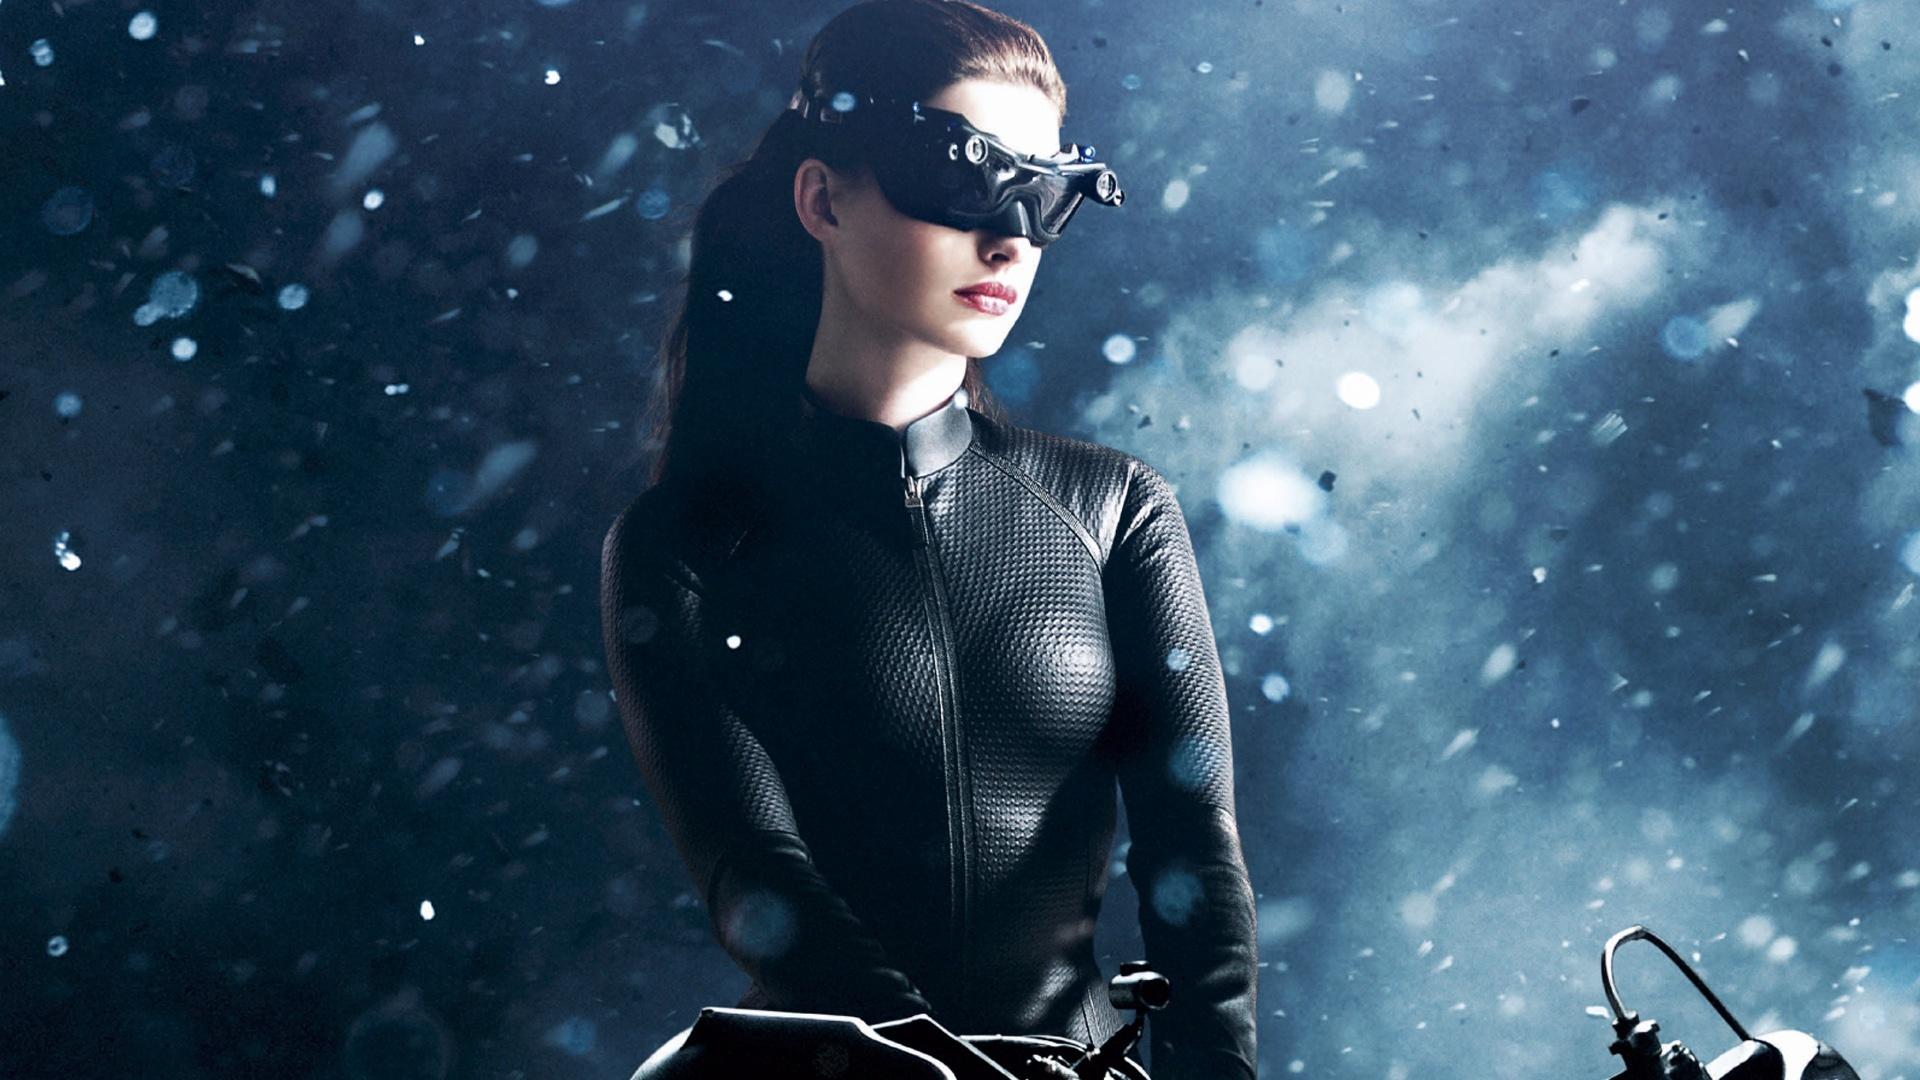 10 nejlepších filmů s Batmanem 12556